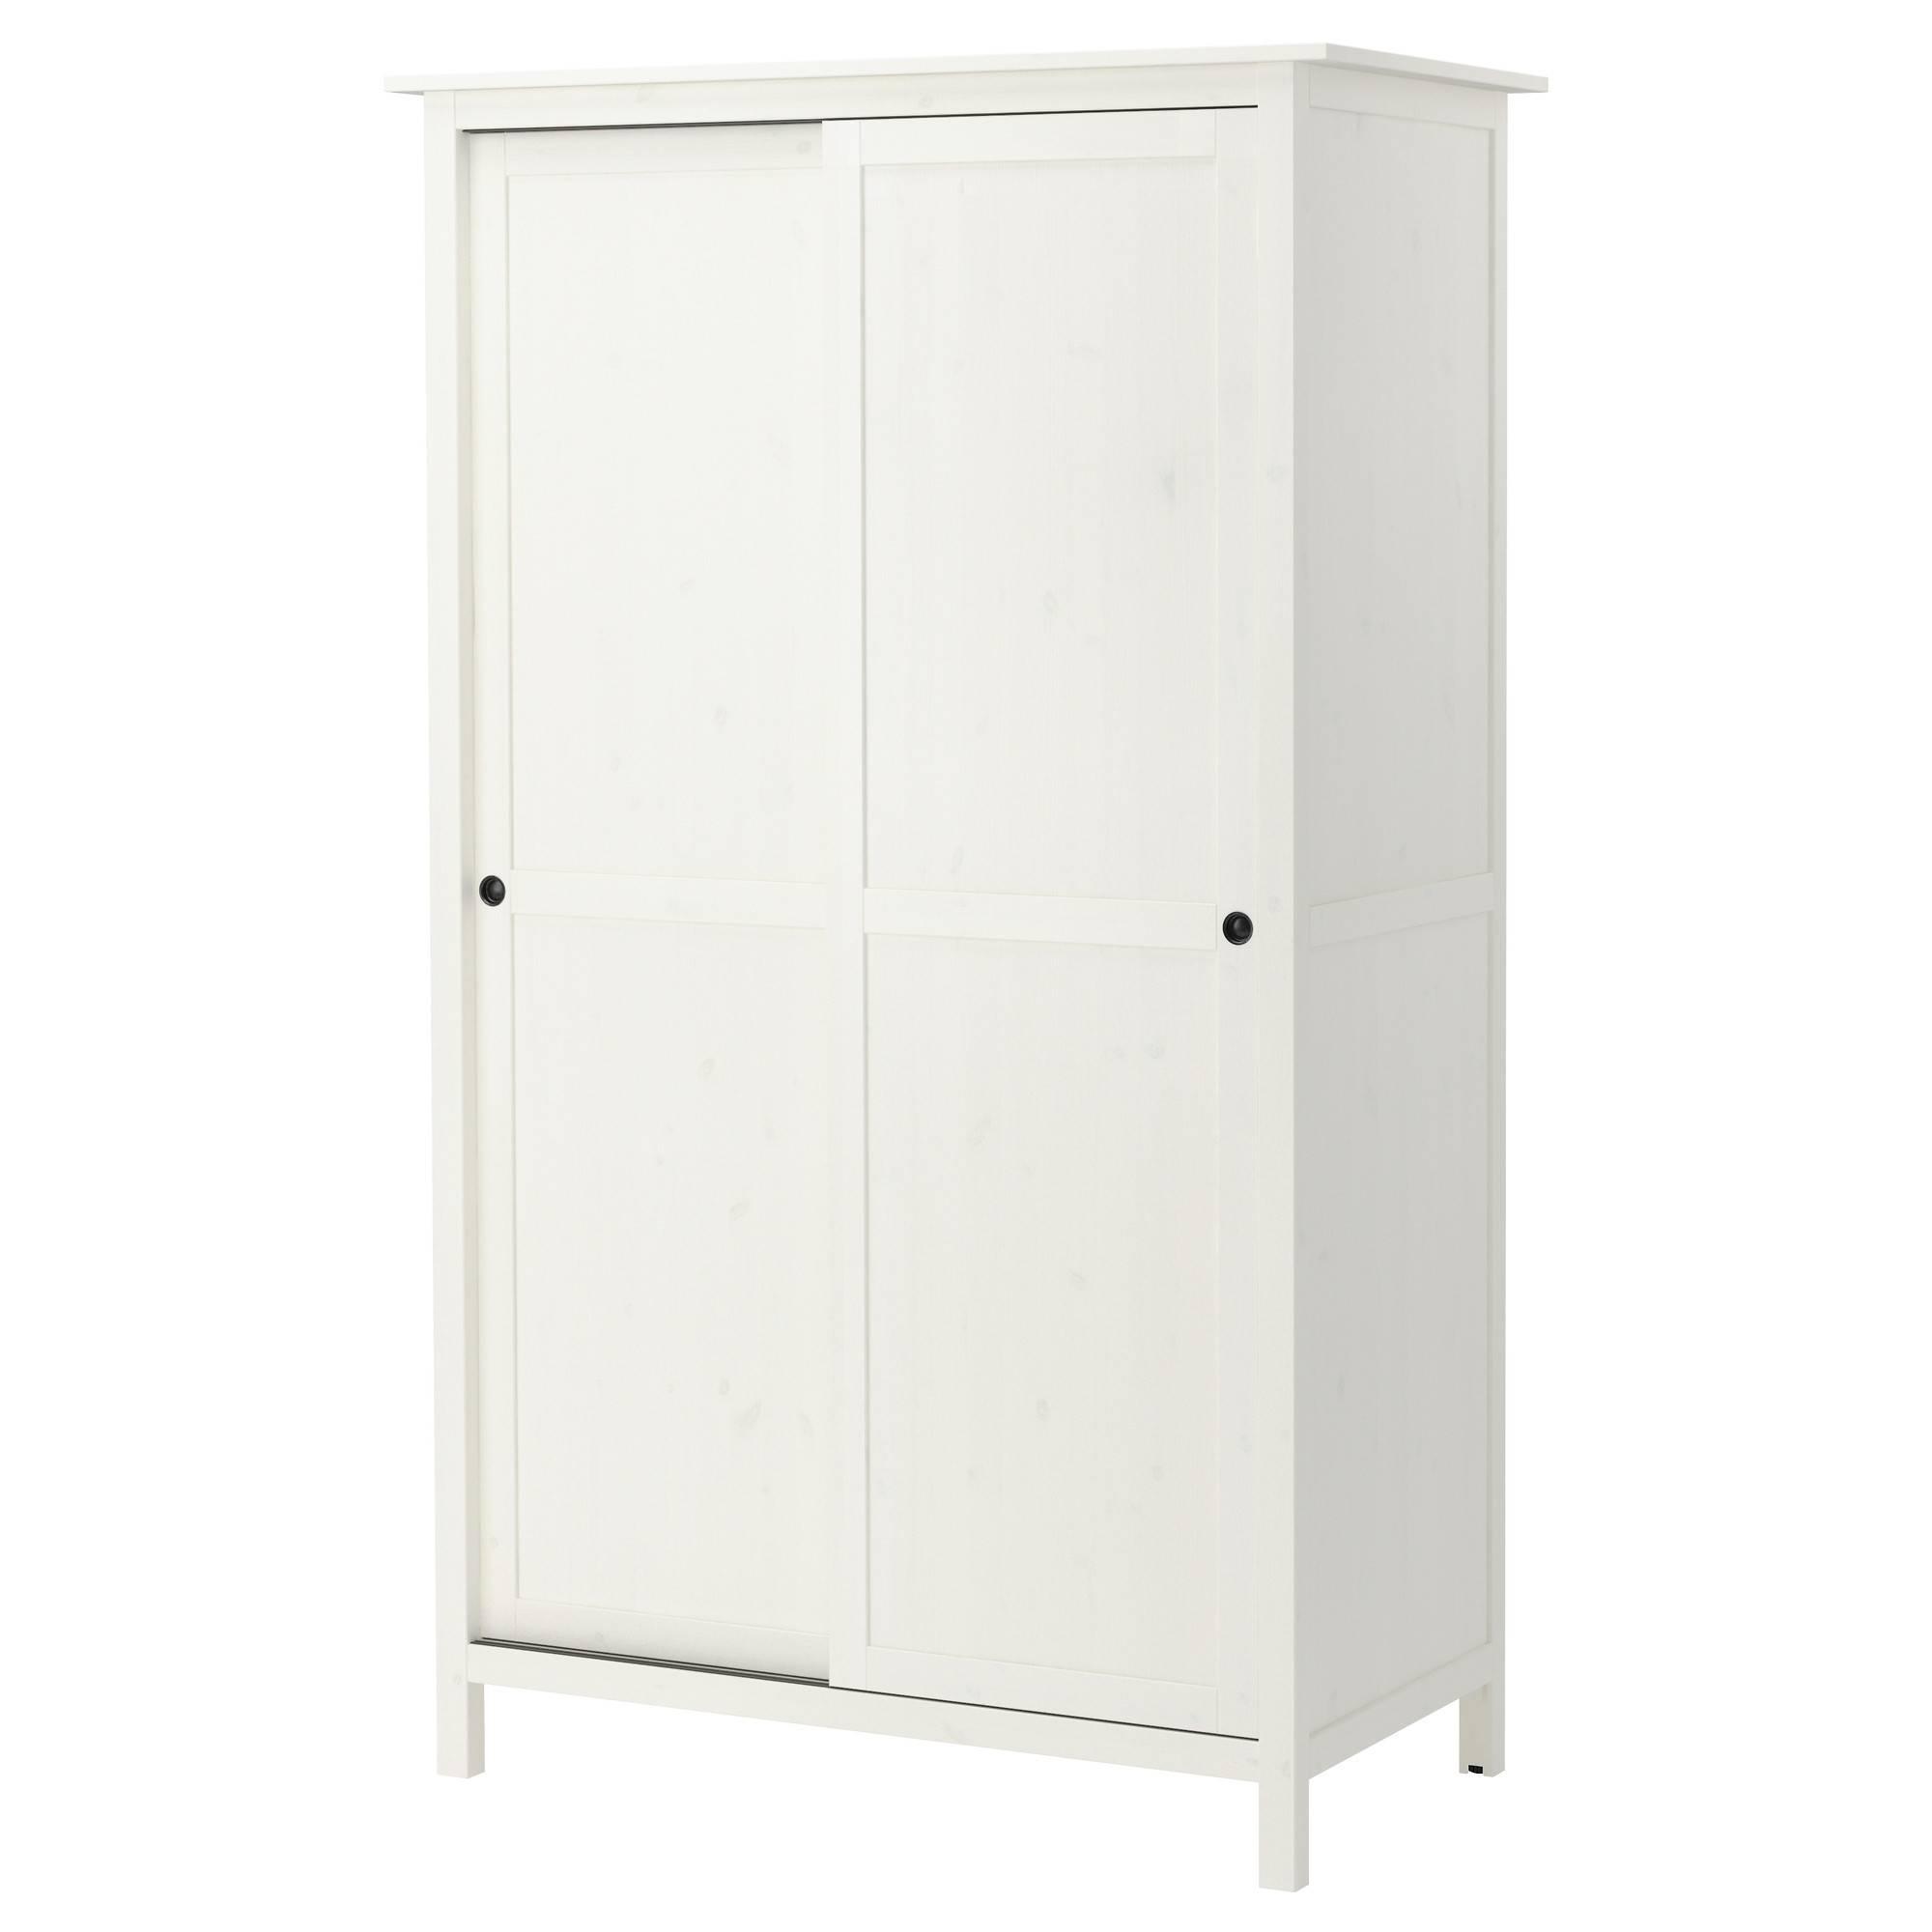 Wardrobes | Ikea throughout White Single Door Wardrobes (Image 14 of 15)